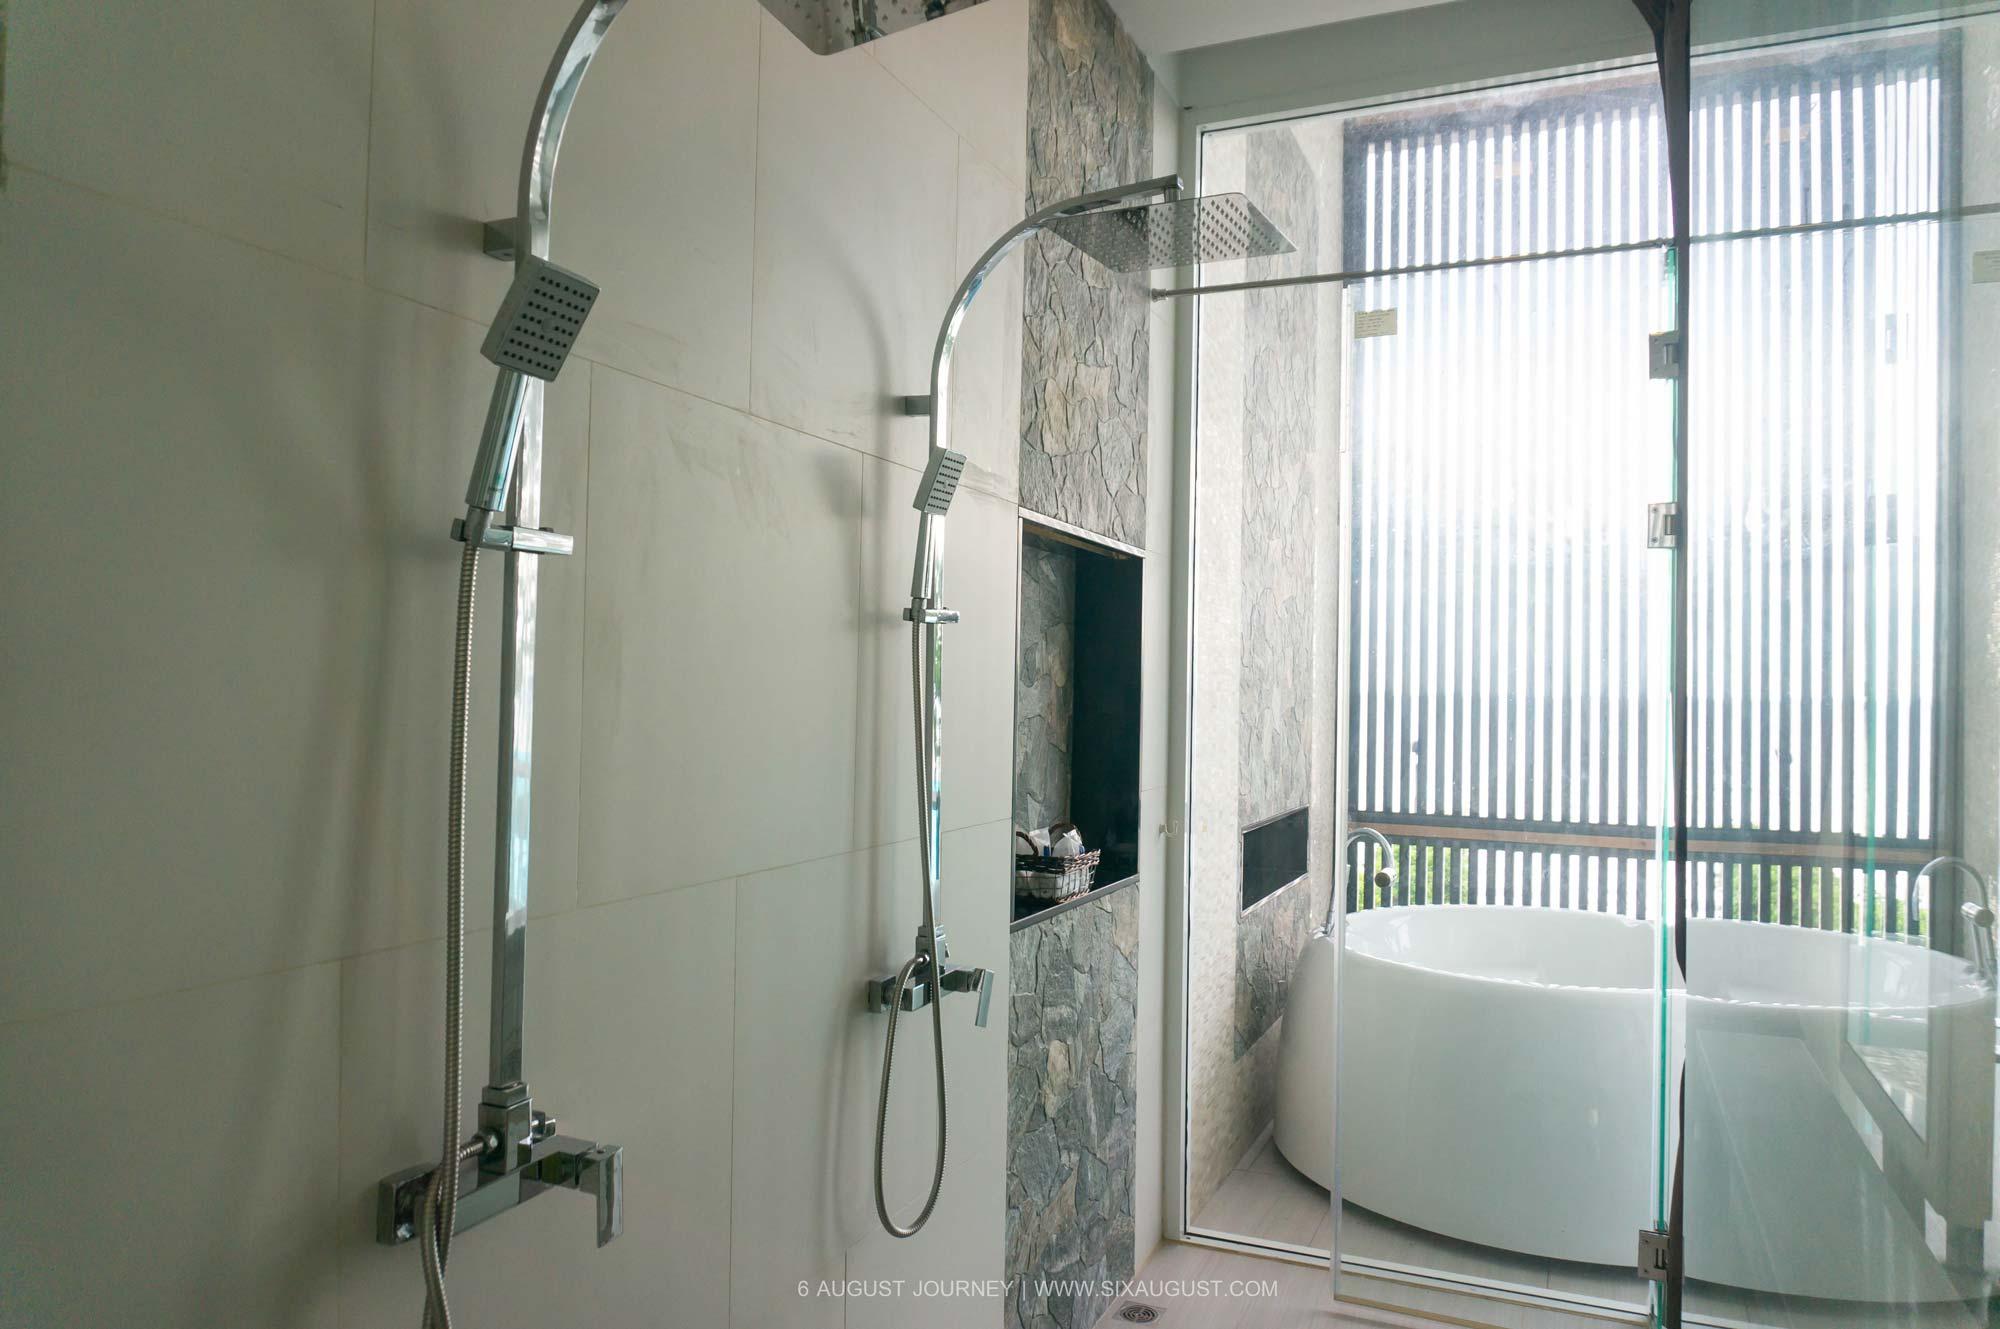 ห้องอาบน้ำ สิกขรา พลาโช่